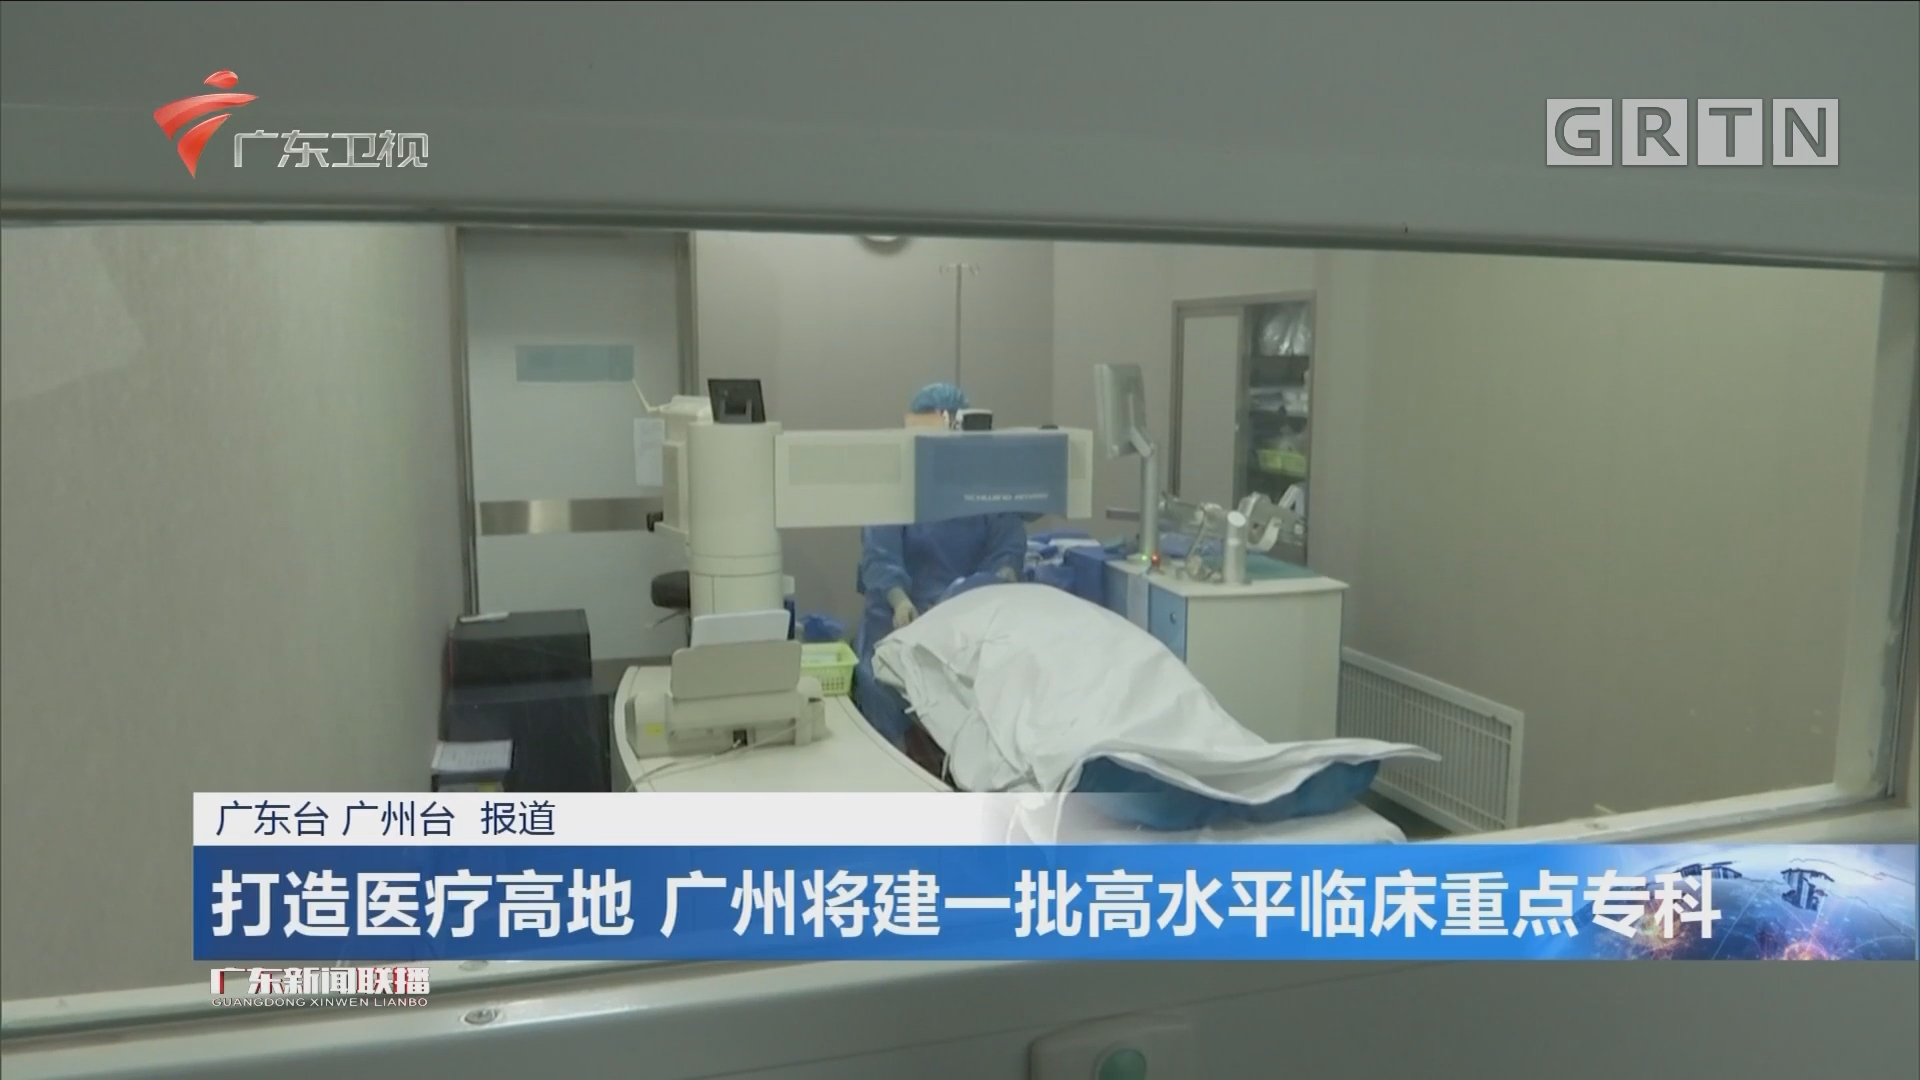 打造医疗高地 广州将建一批高水平临床重点专科